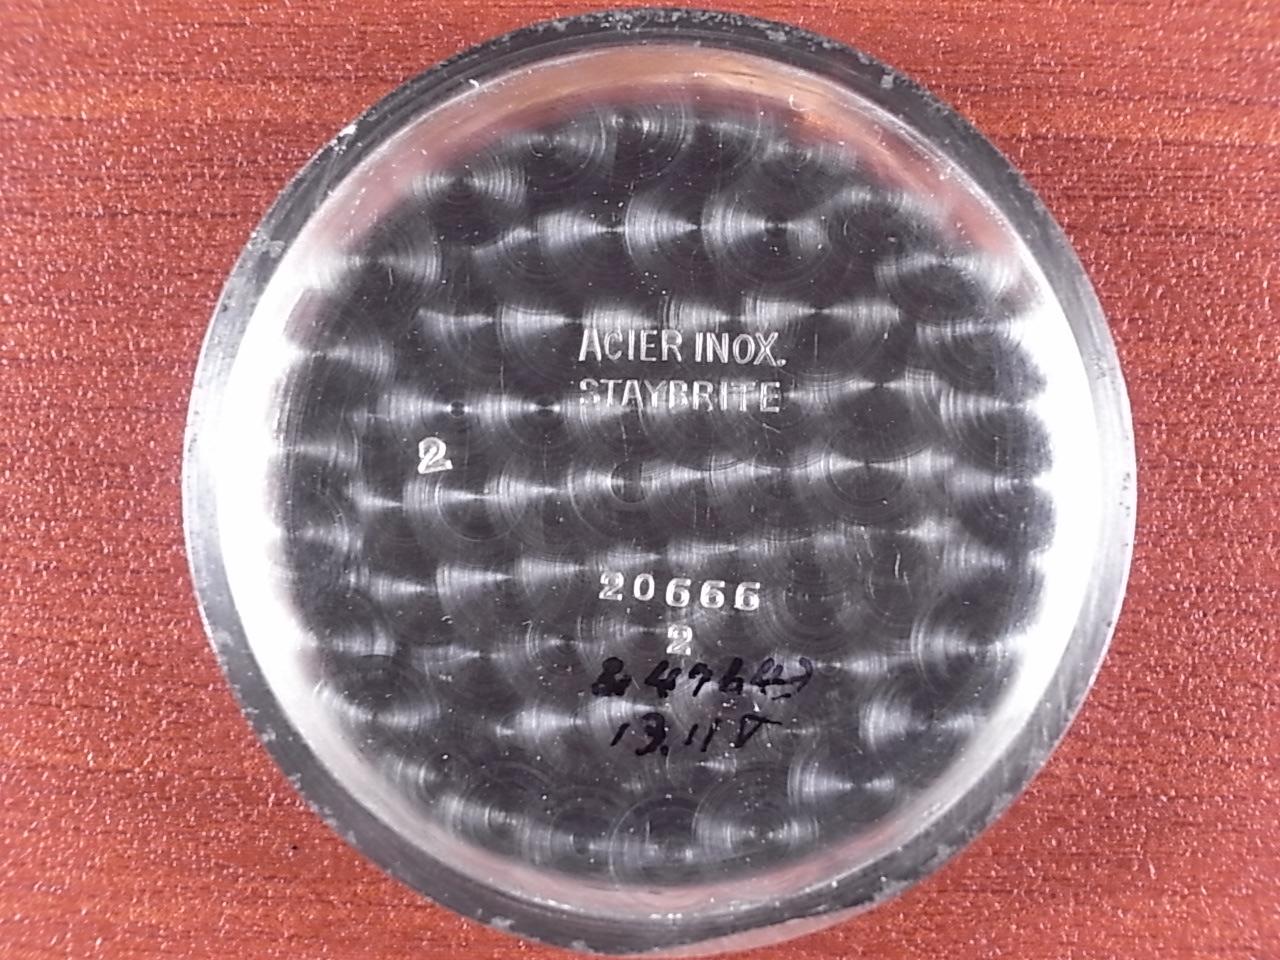 ロンジン ストップセコンド ボンクリップ バンブーブレス付き 1930年代の写真6枚目